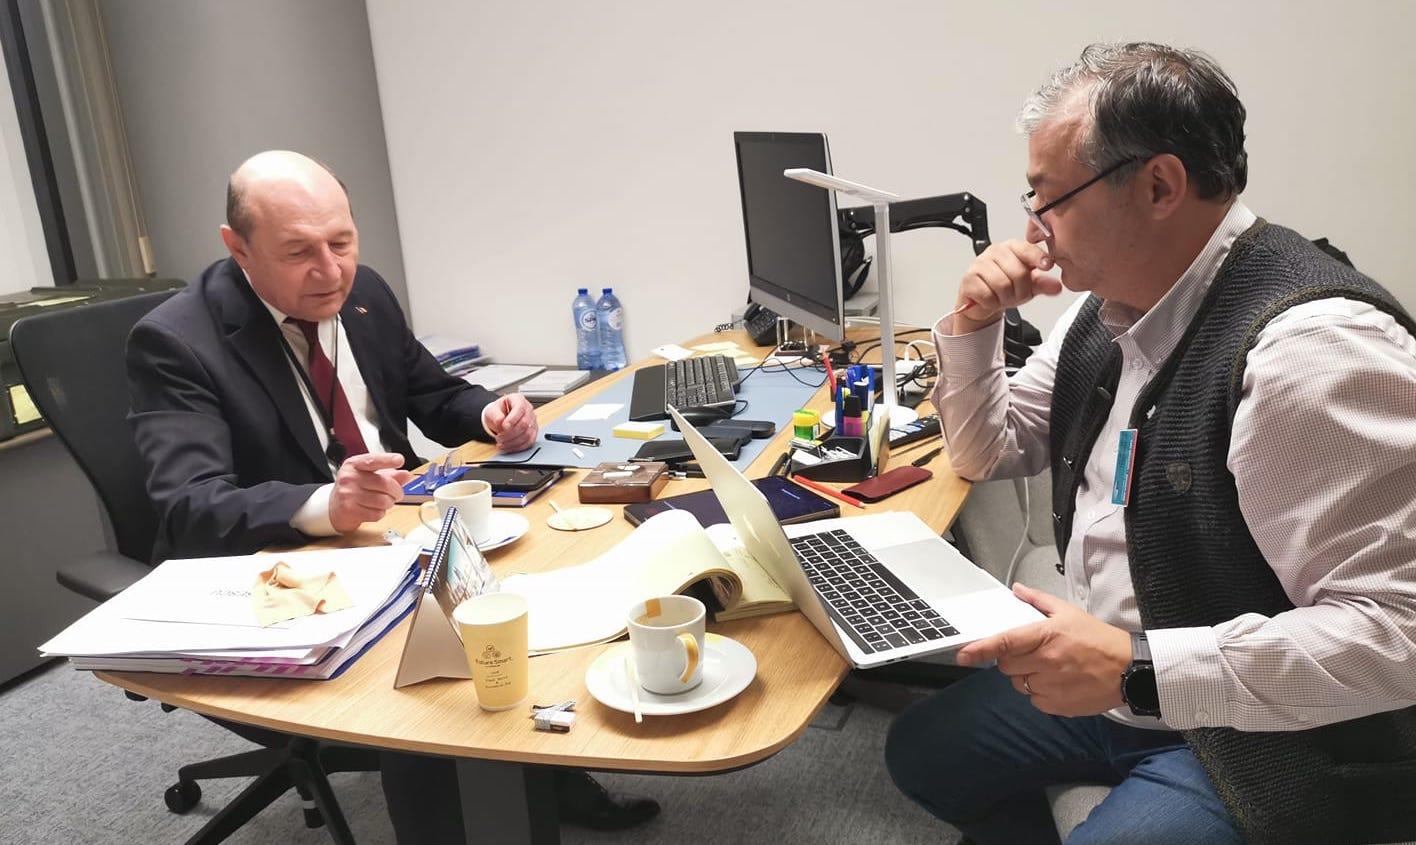 Pune-i o întrebare-cheie lui Traian Băsescu! Dan Andronic te invită să participi la Cartea Deceniului